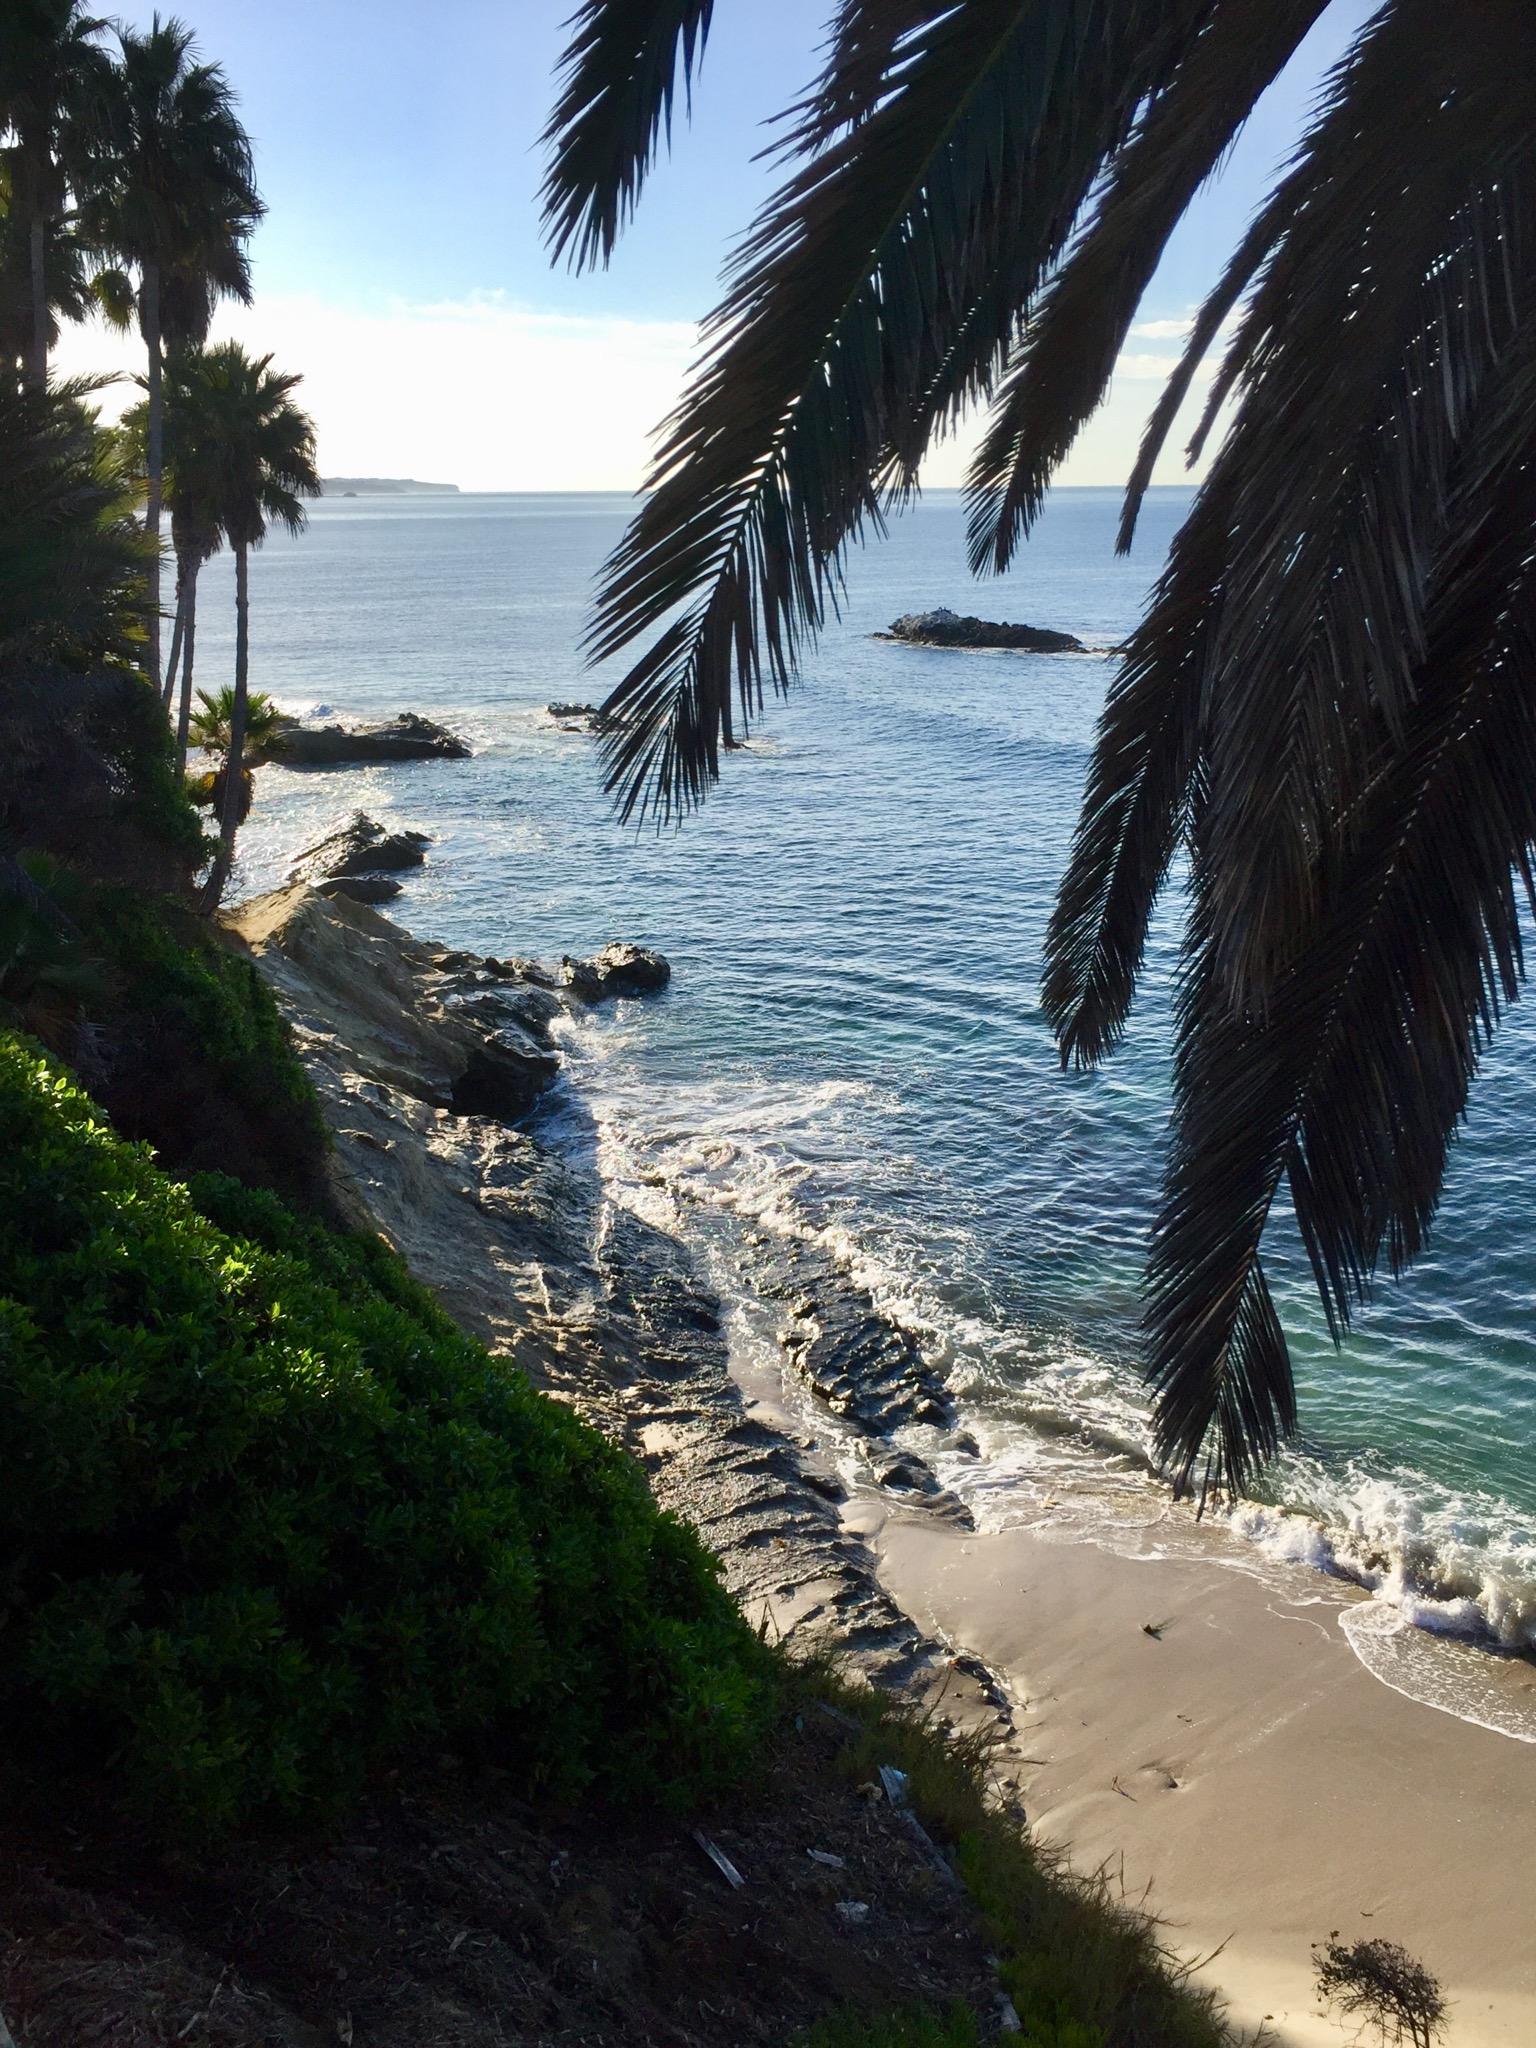 Laguna Shores image